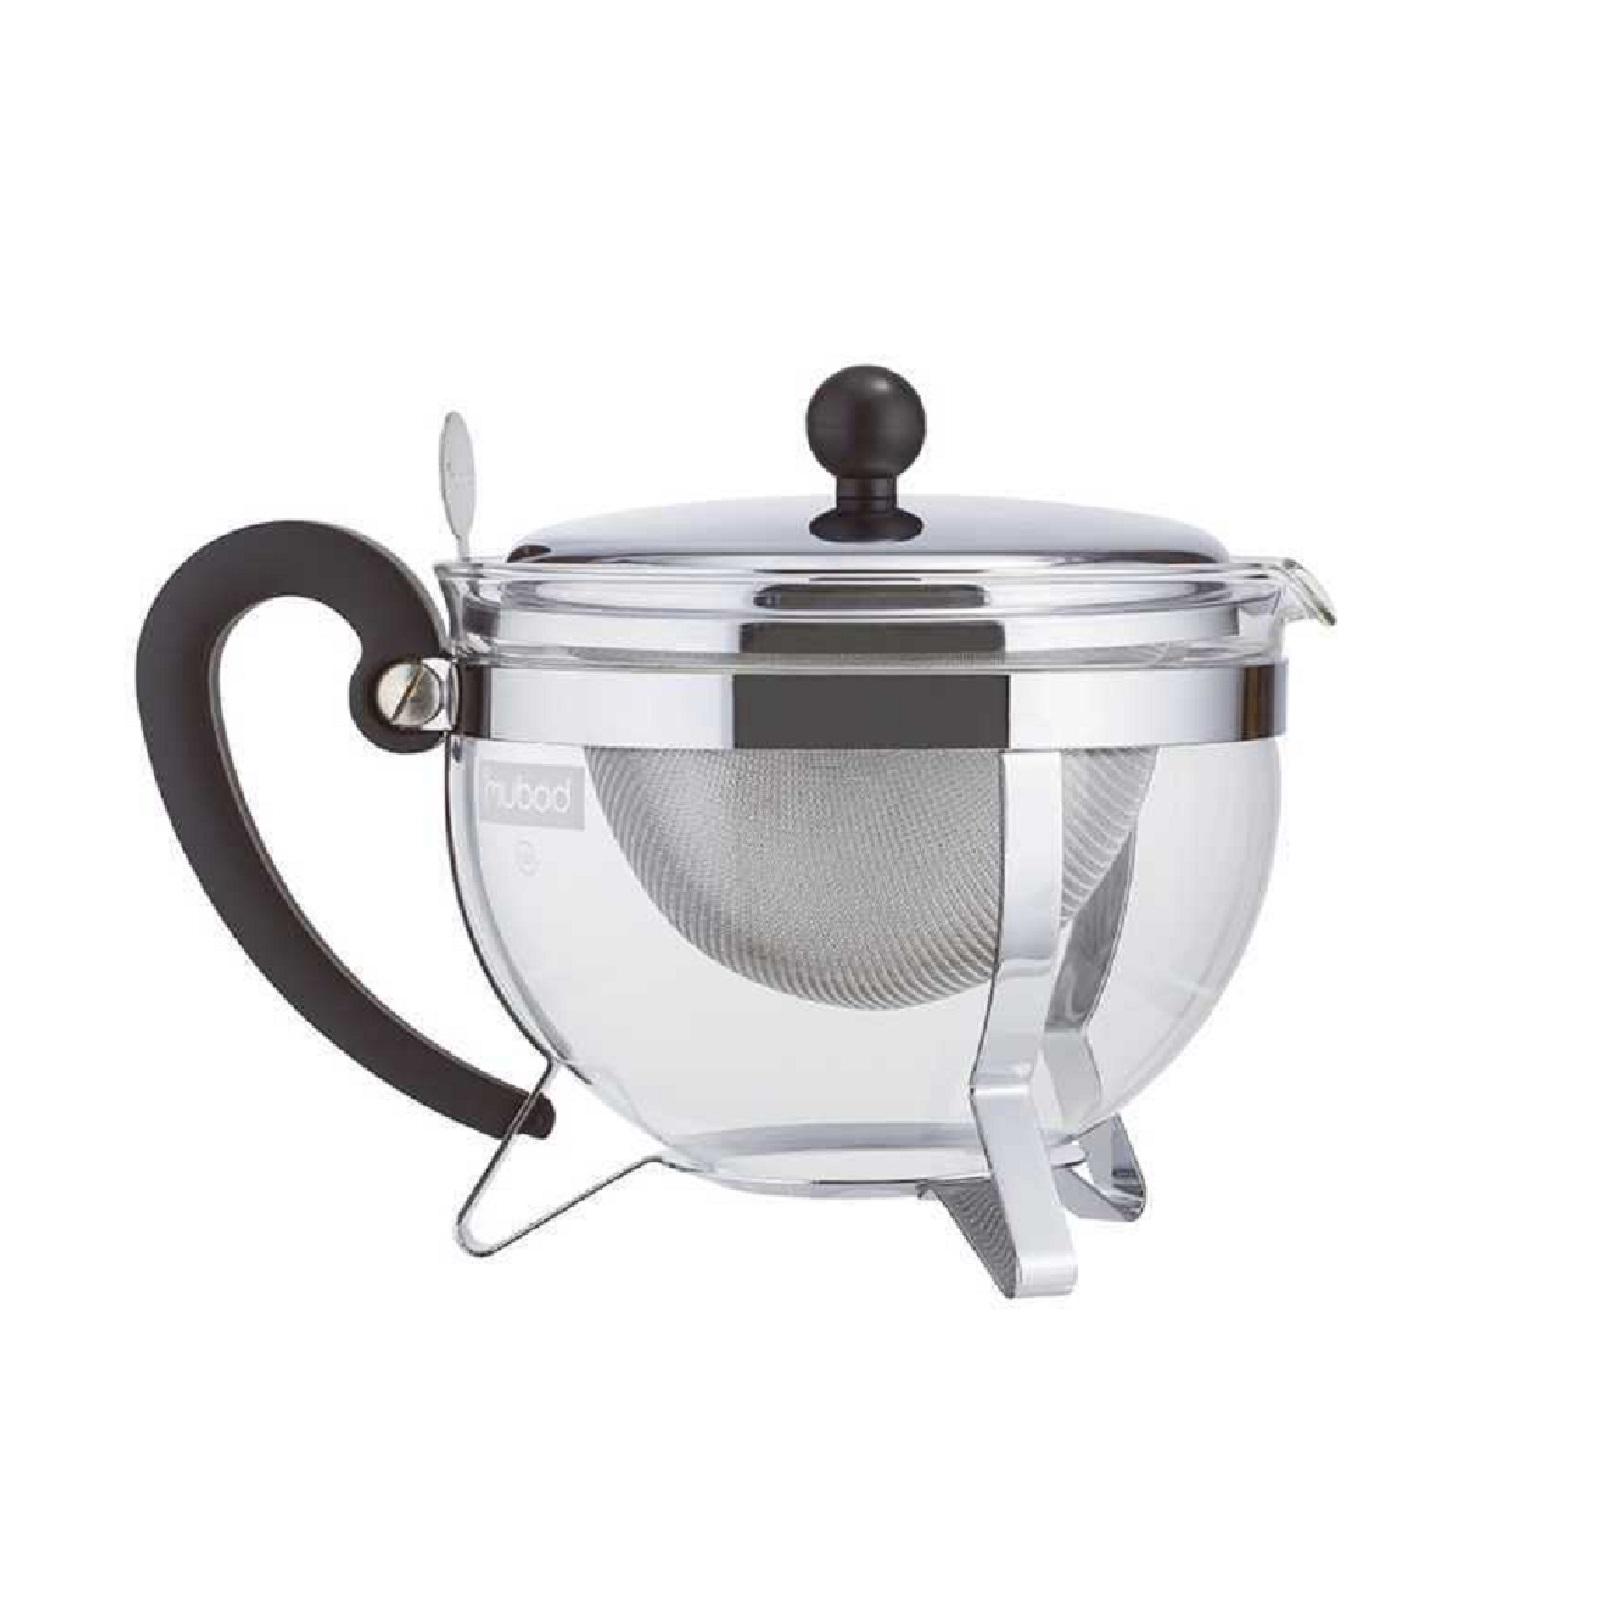 Чайник заварочный с фильтром Bodum Chambord, объем 1,3 л, прозрачный с серебристым Bodum 1921-16-6 фото 1